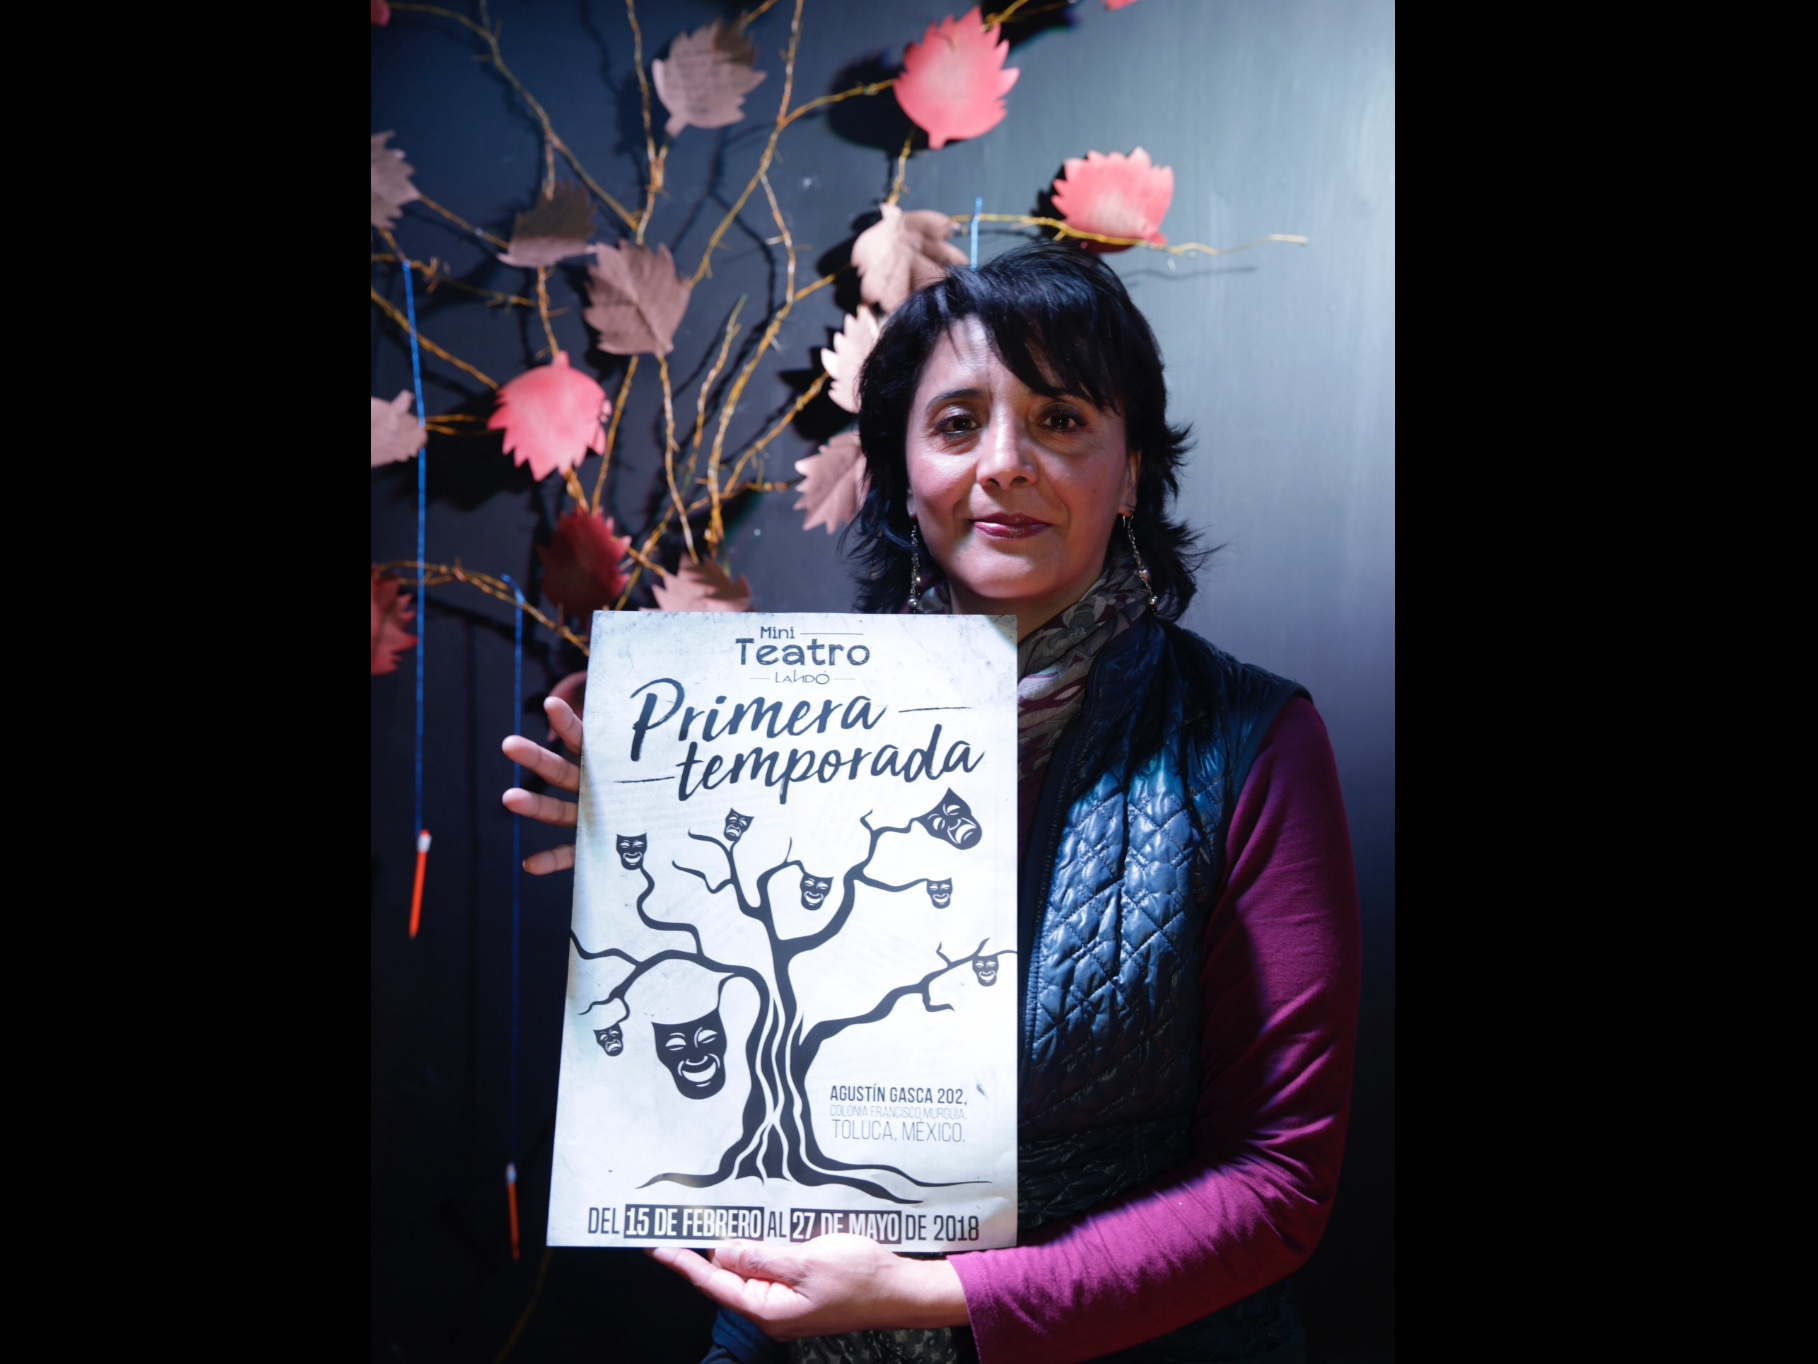 Teatro independiente con espíritu universitario en Toluca